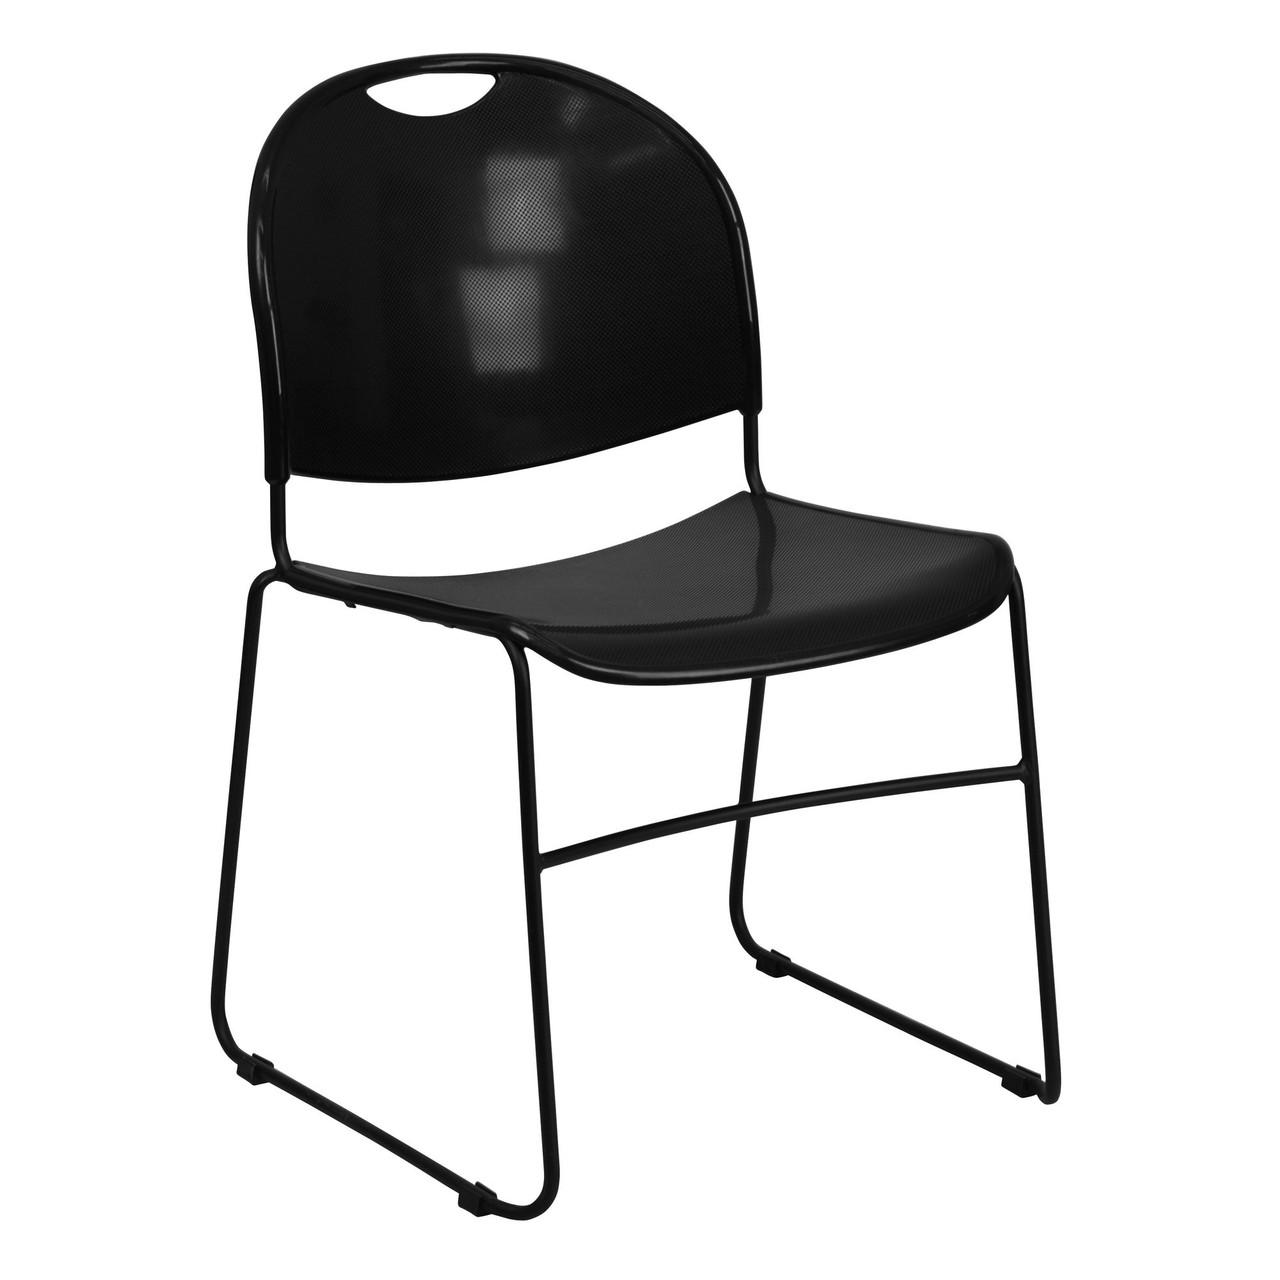 Black Plastic Stack Chair Black Frame Rut 188 Bk Gg